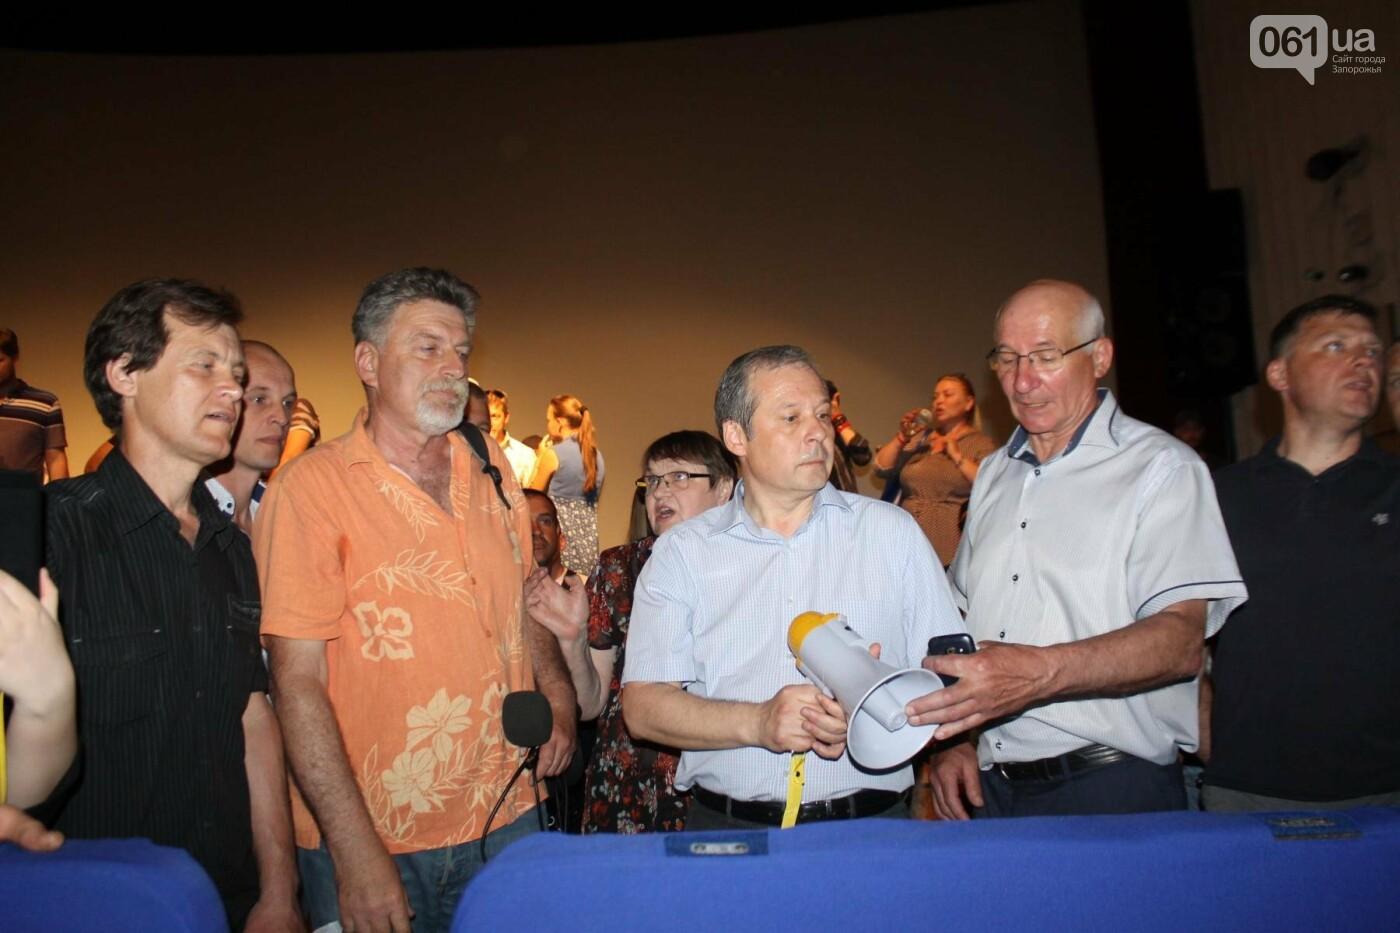 Как прошли общественные слушания о застройке сквера Яланского, – ФОТОРЕПОРТАЖ, фото-27